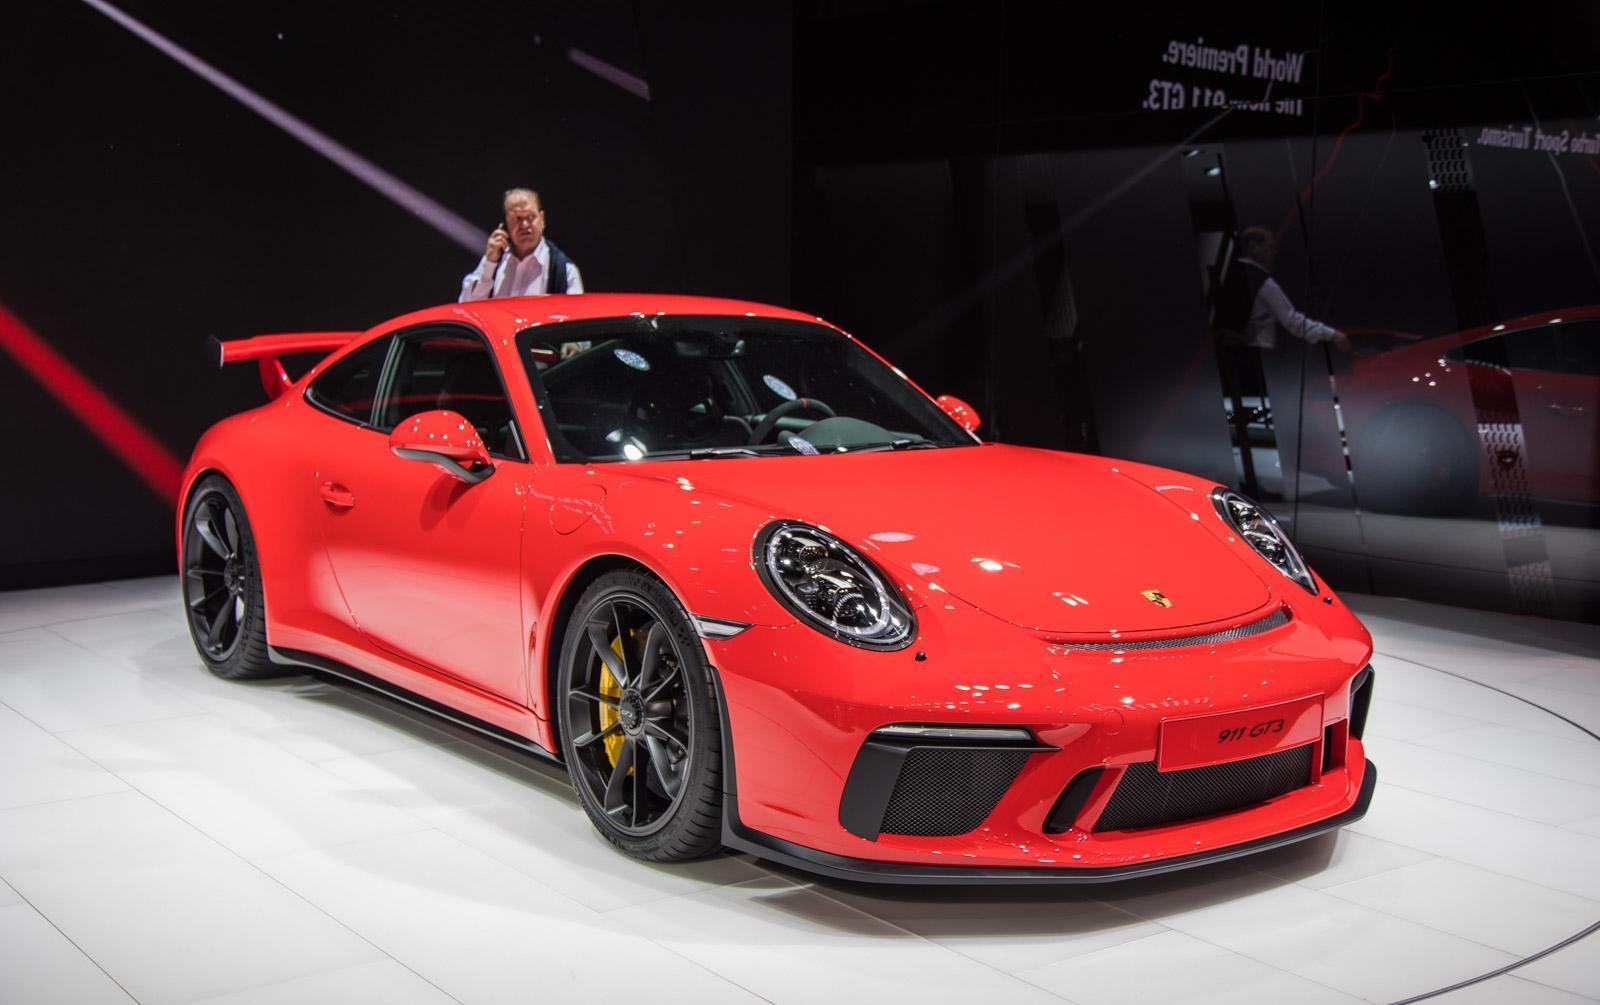 Porsche-911-gt3-facelift-001